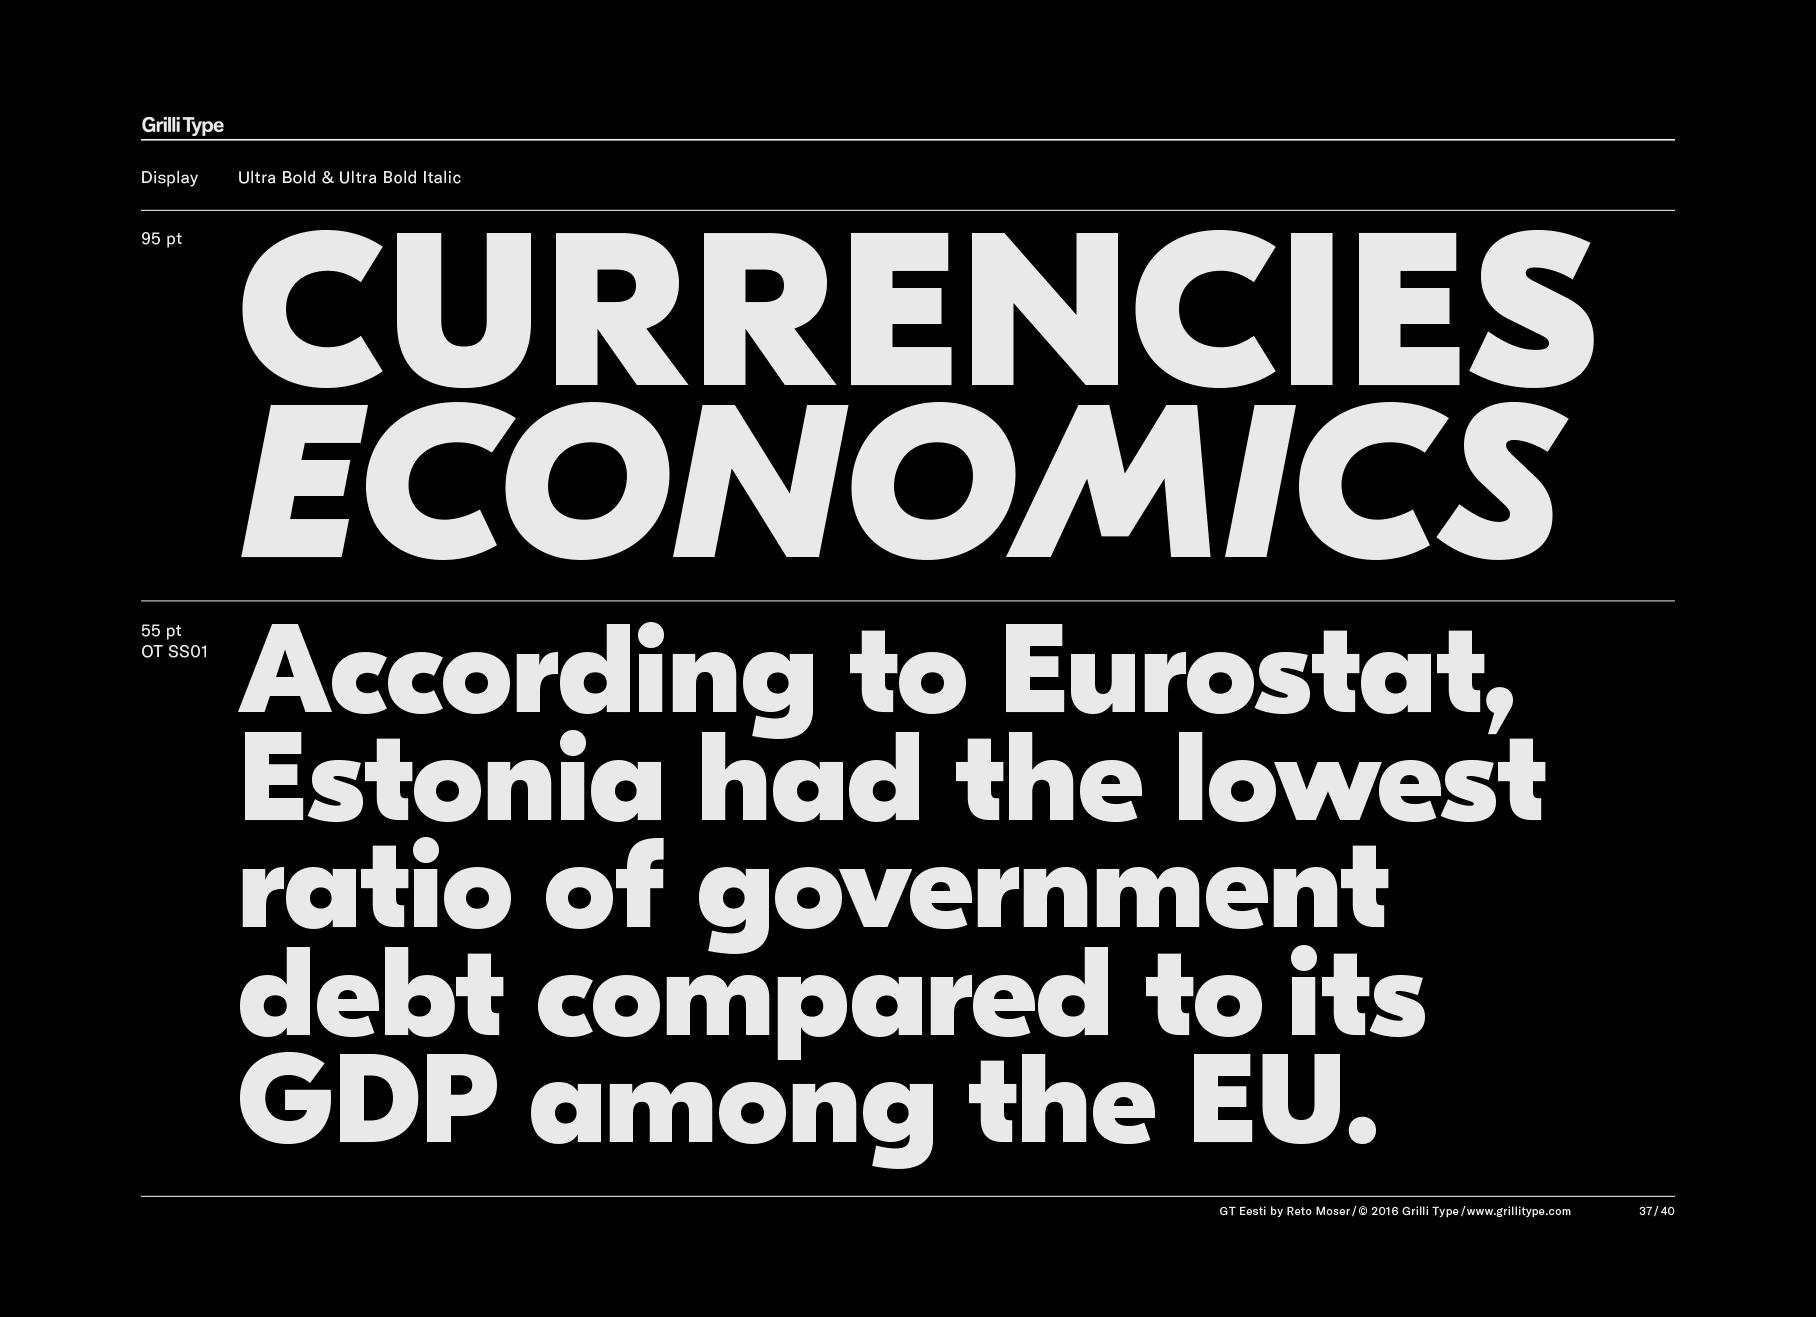 GT Eesti on Behance